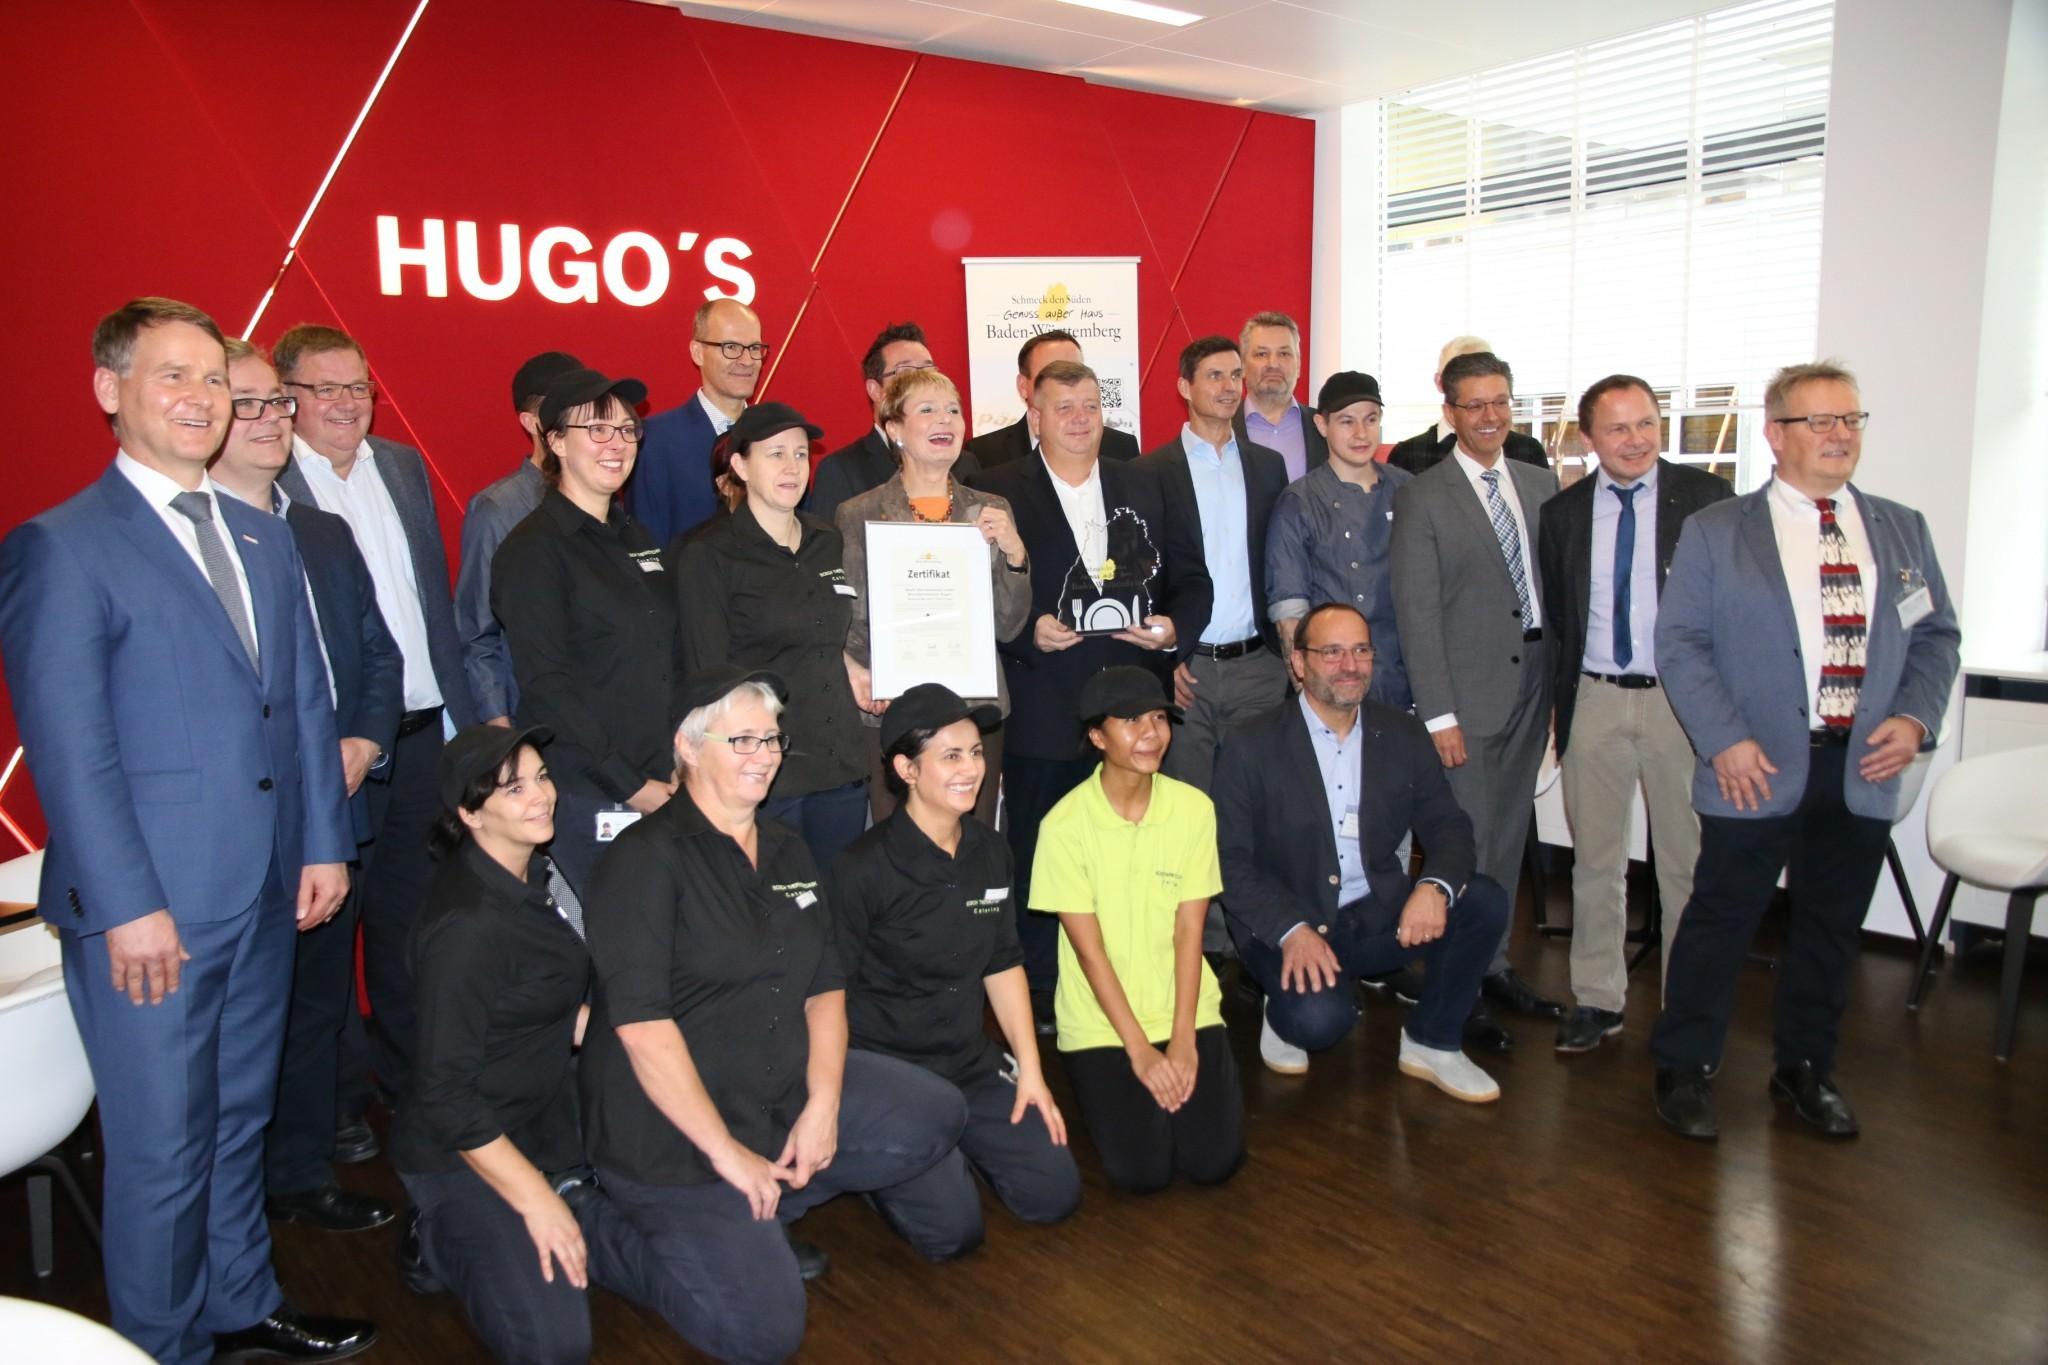 Bild Auszeichnung der Betriebsgastronomie Hugo's bei Bosch Thermotechnik in Wernau